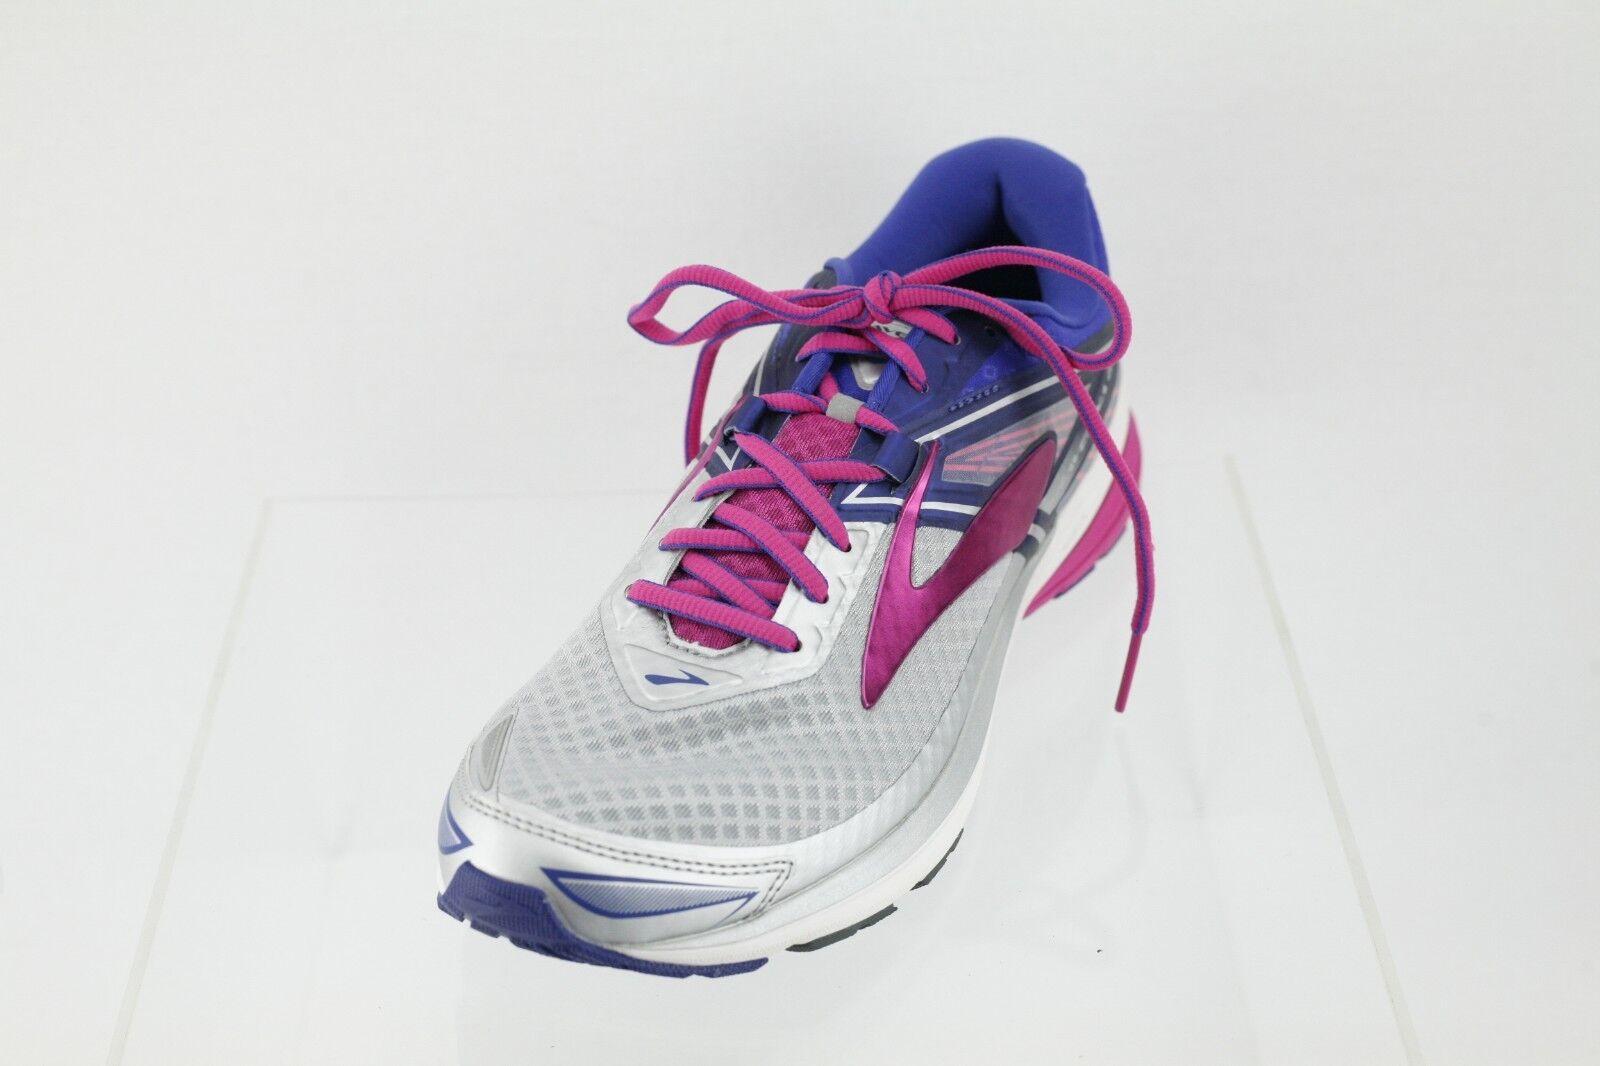 femmes  Brooks Ravenna 8 1202381B089  Gris /bleu Lace-up Running  Chaussures